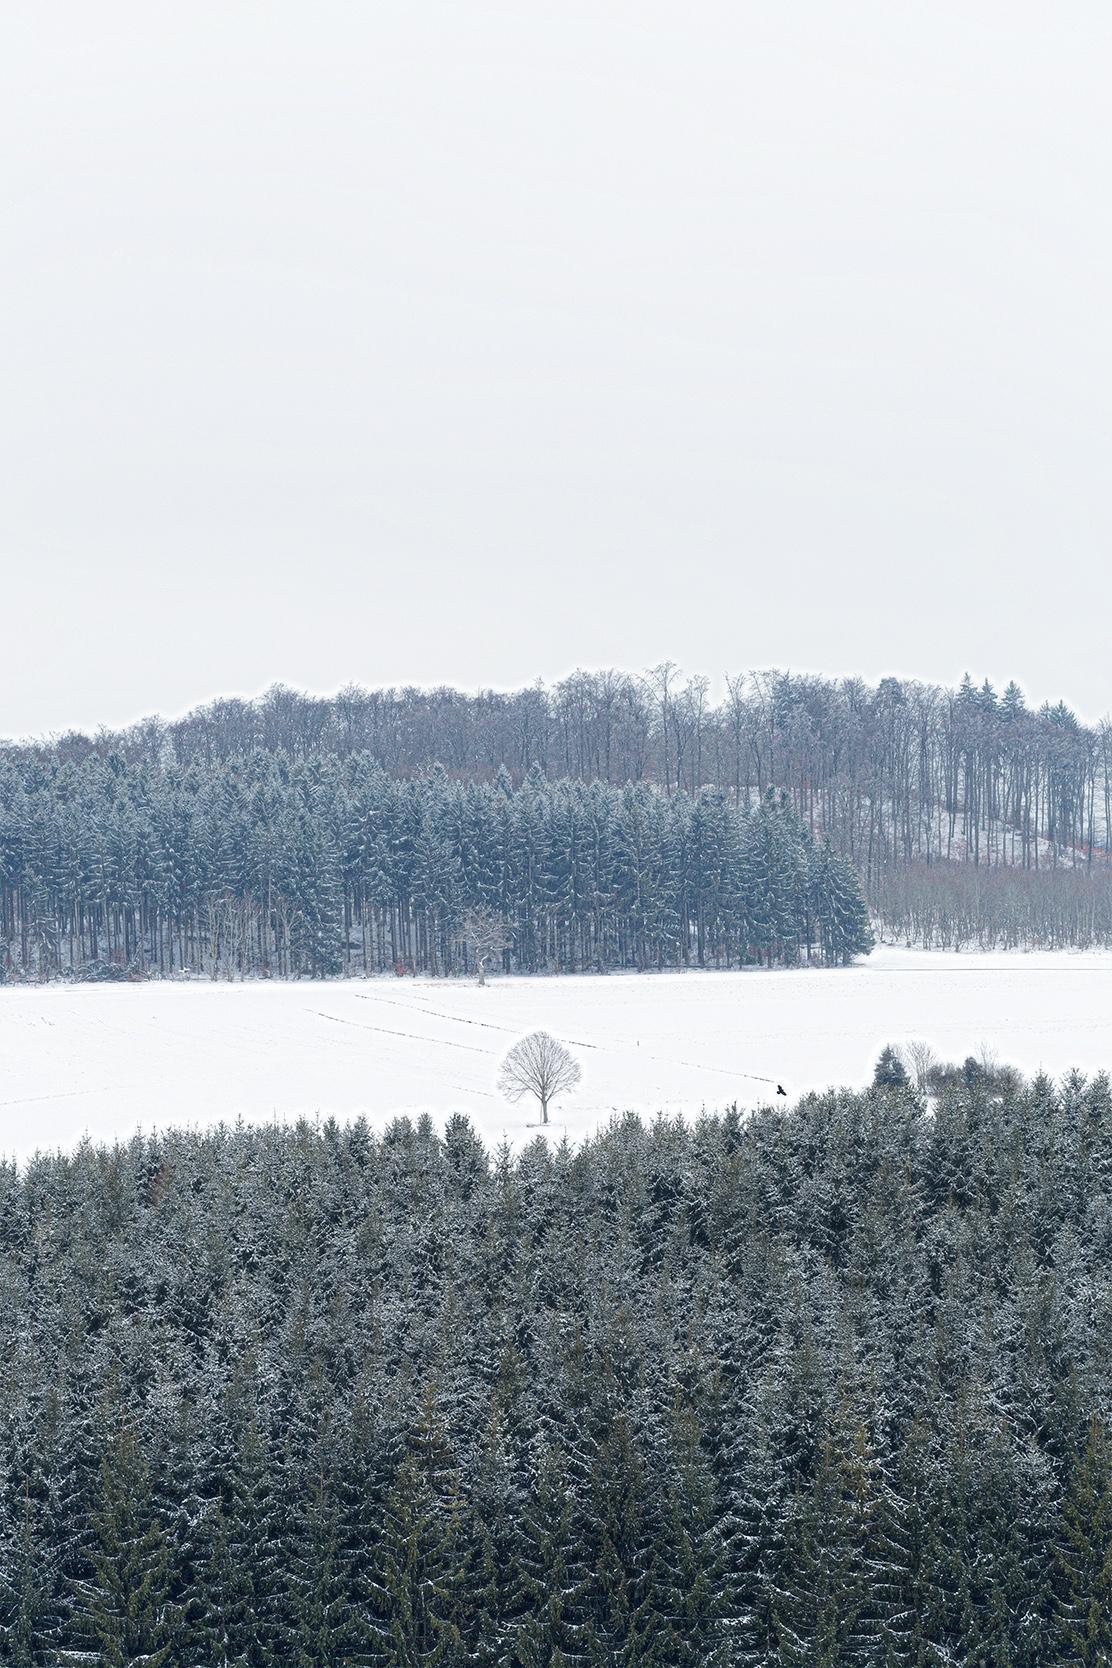 Ein einzelner Baum in einer Waldlichtung auf der Schwäbischen Alb im Schnee bei Undingen.